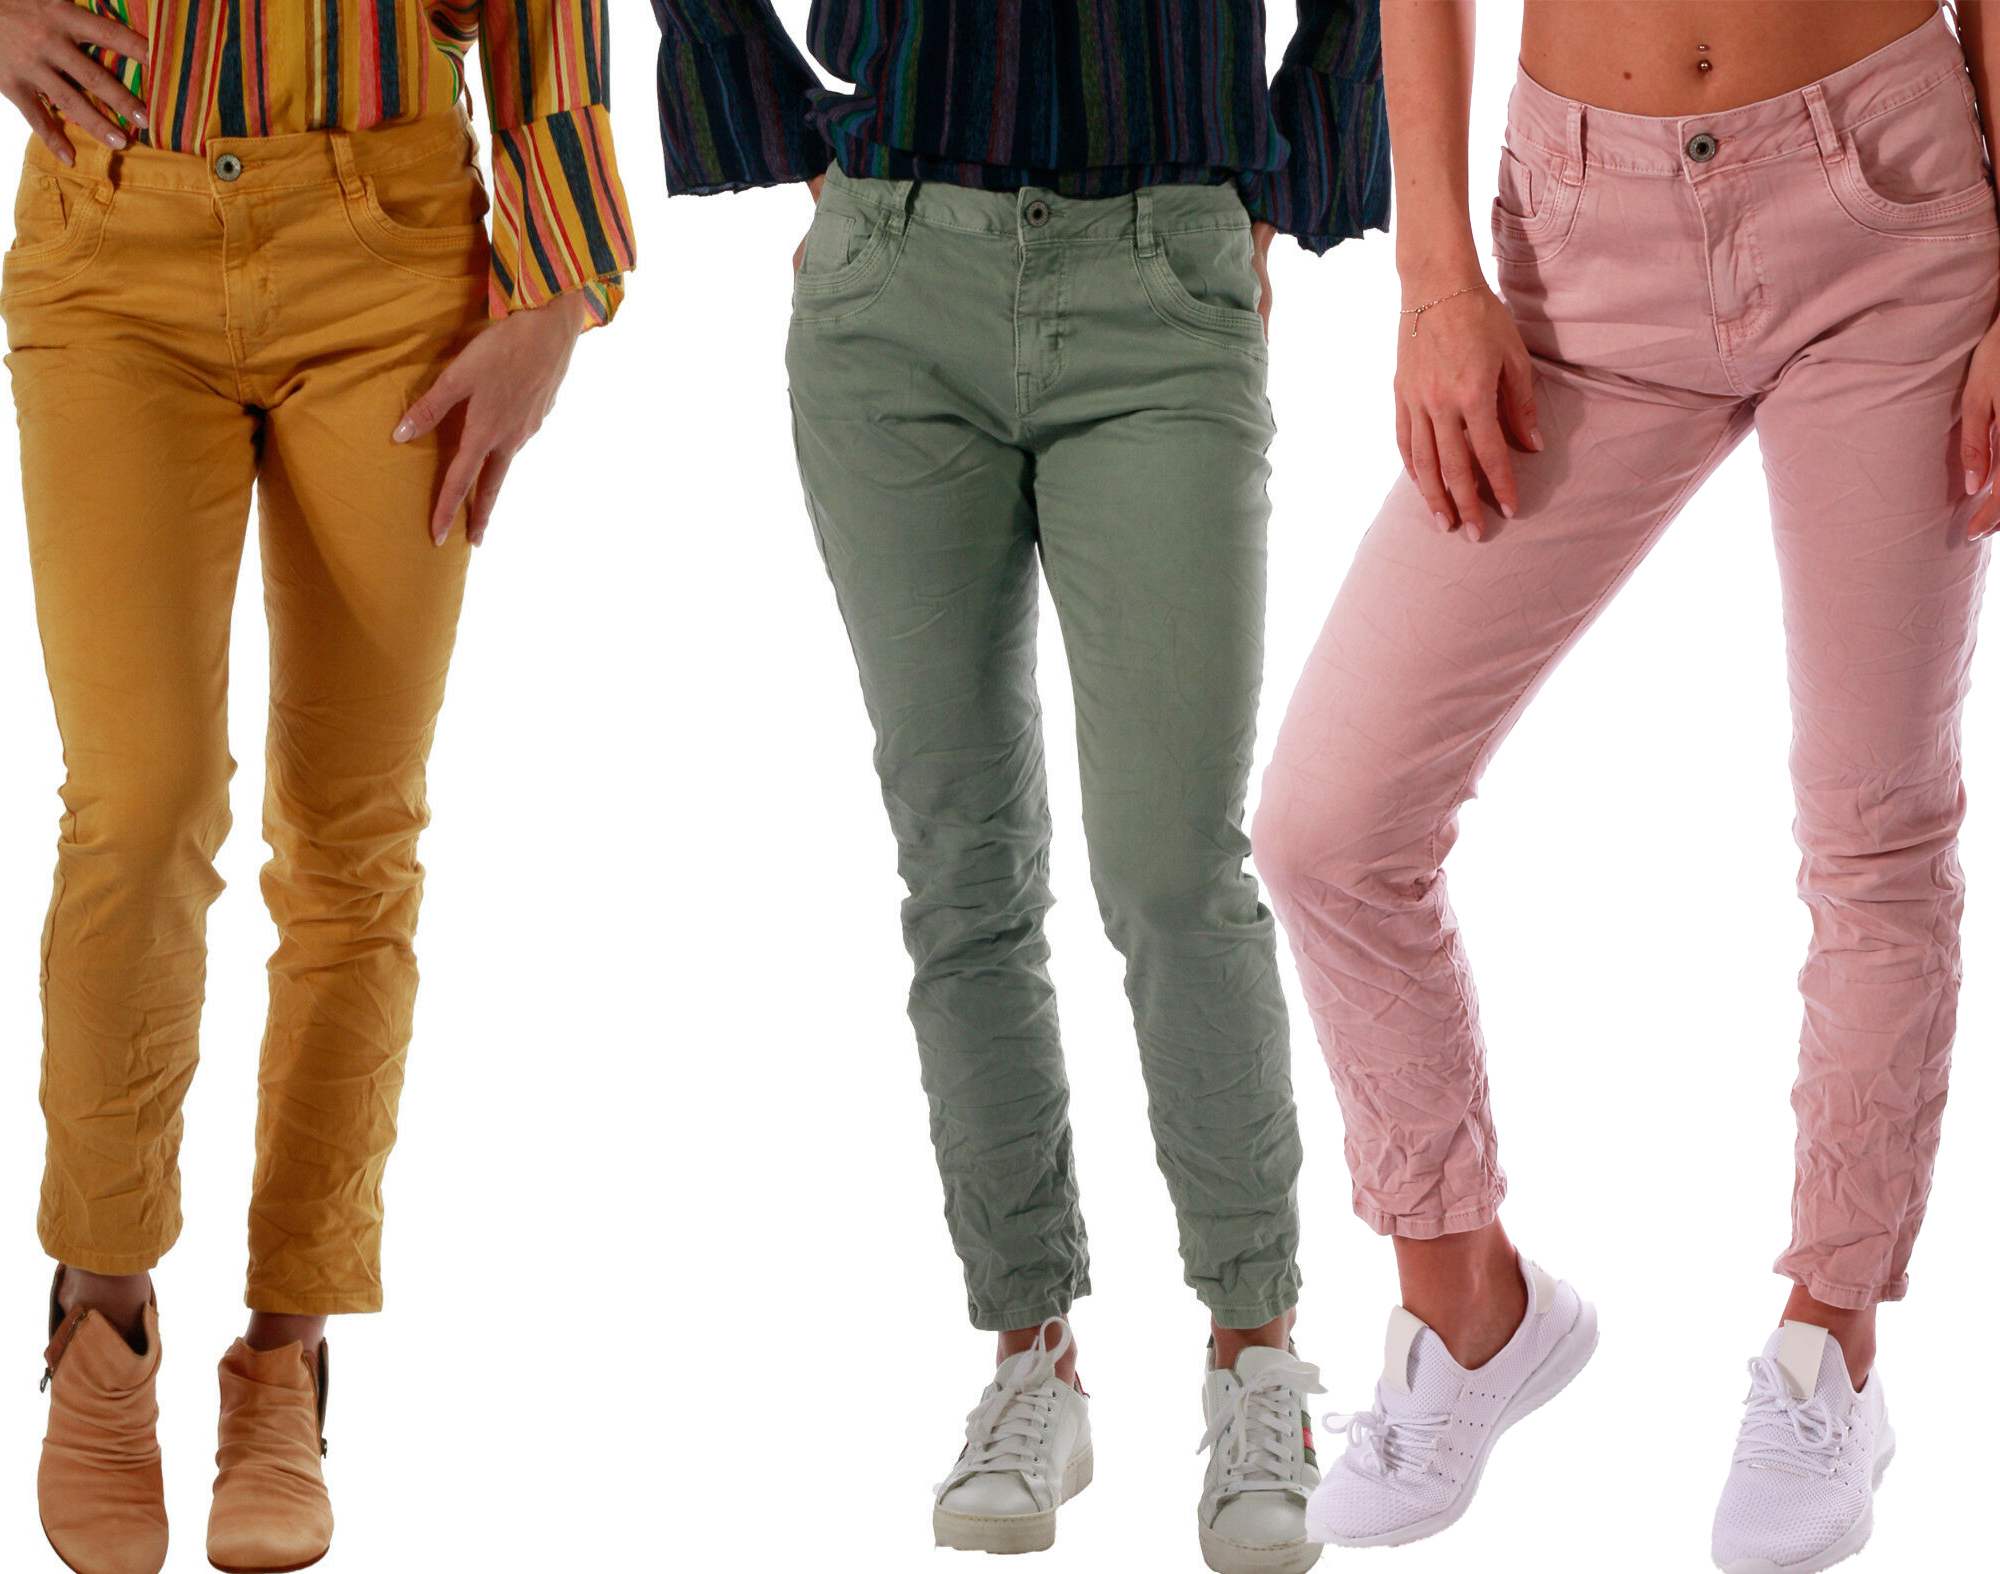 abc83473c87ce5 Jeans Mode in Karlsruhe finden Sie bei Charis Moda - Lifestyle im Store  oder im Online Shop